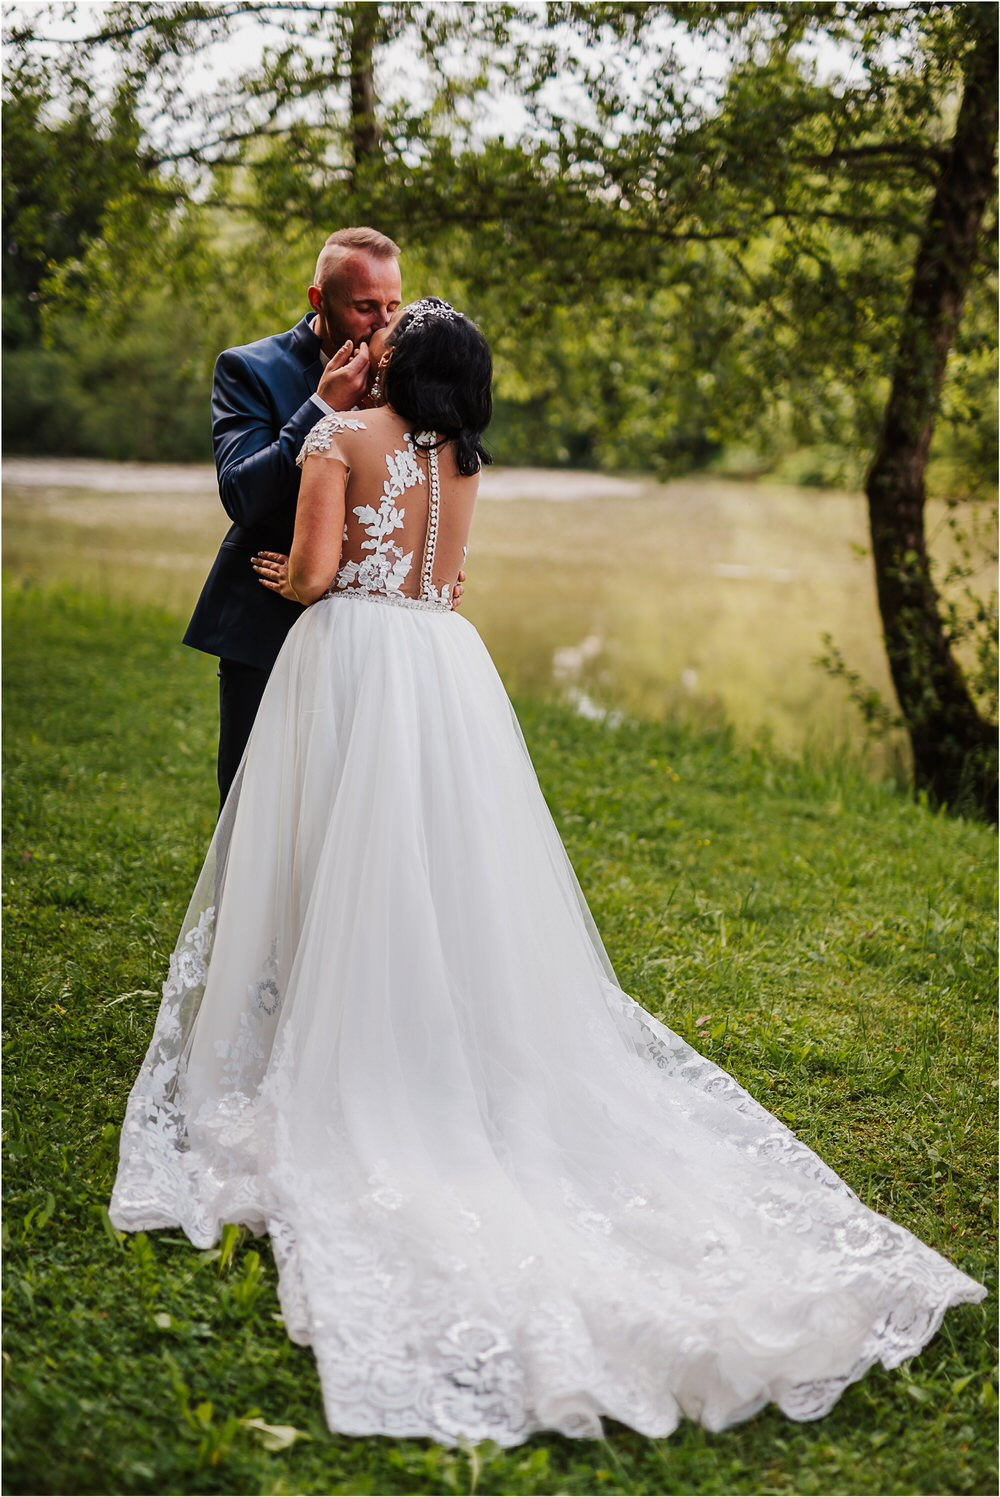 skedenj poroka porocni fotograf fotografiranje elegantna poroka rustikalna poroka pod kozolcem pcakes velesovo mdetail nika grega 0081.jpg